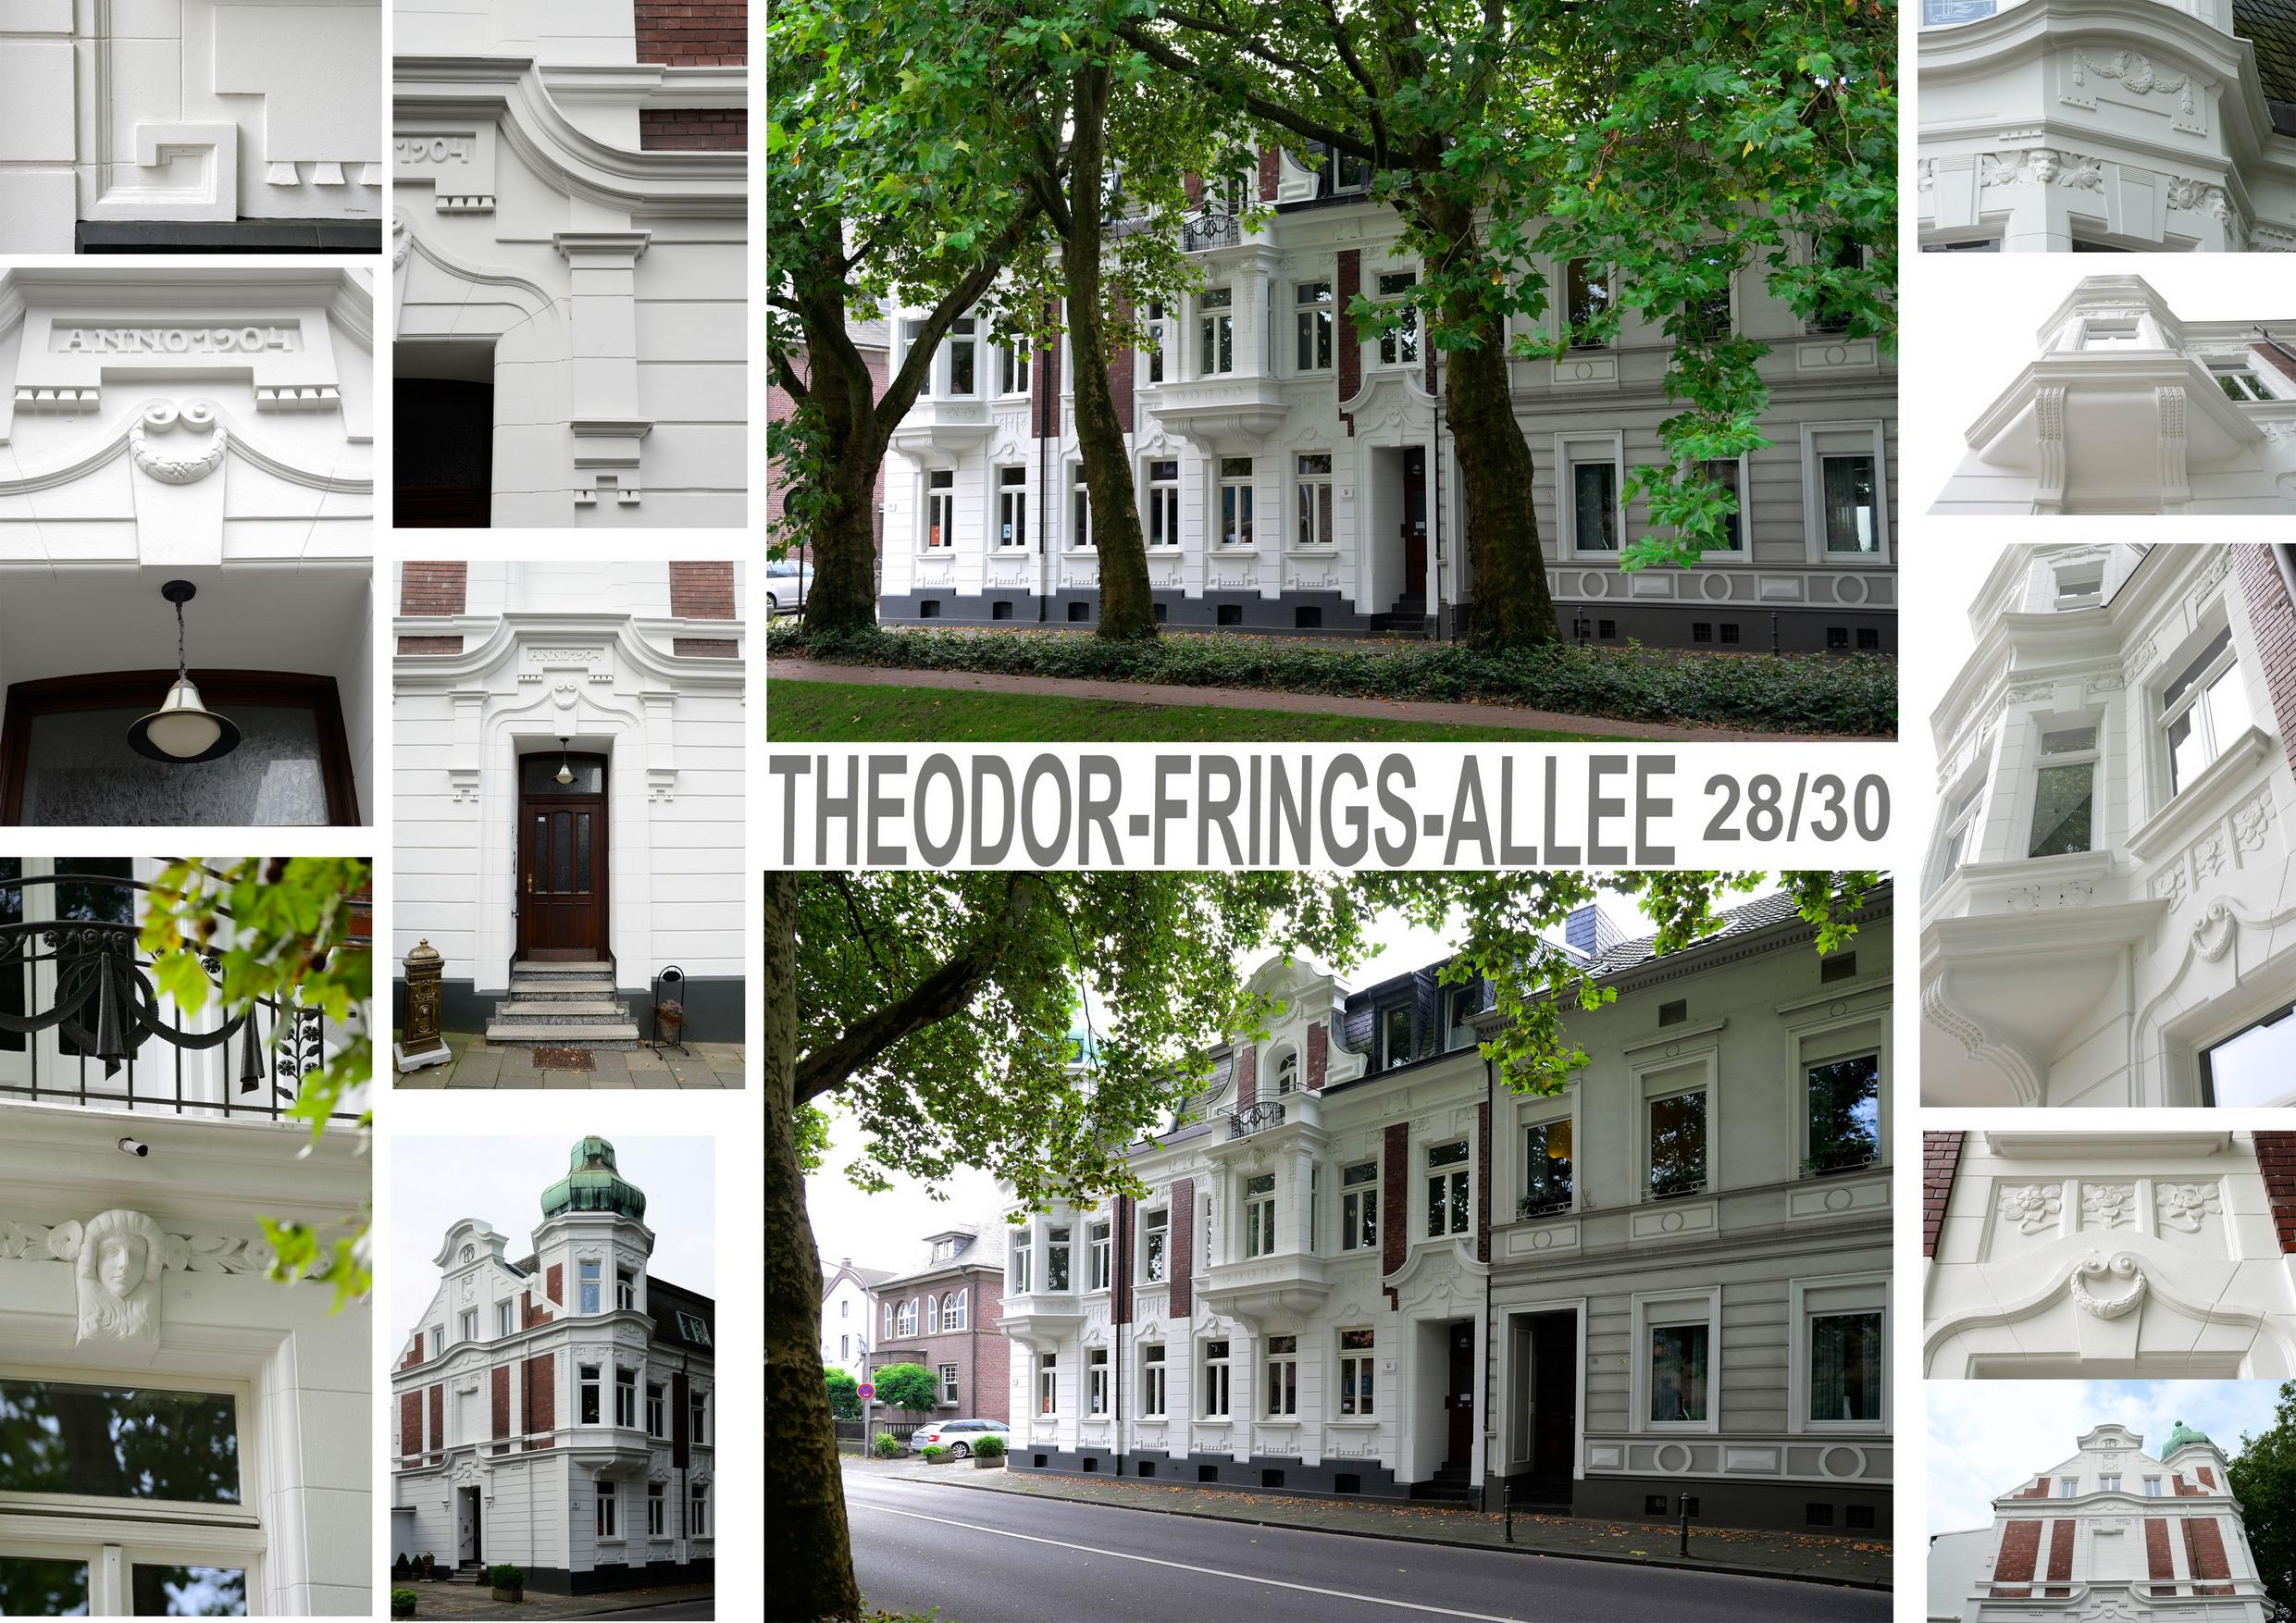 Theodor-Frings-Allee-28-30